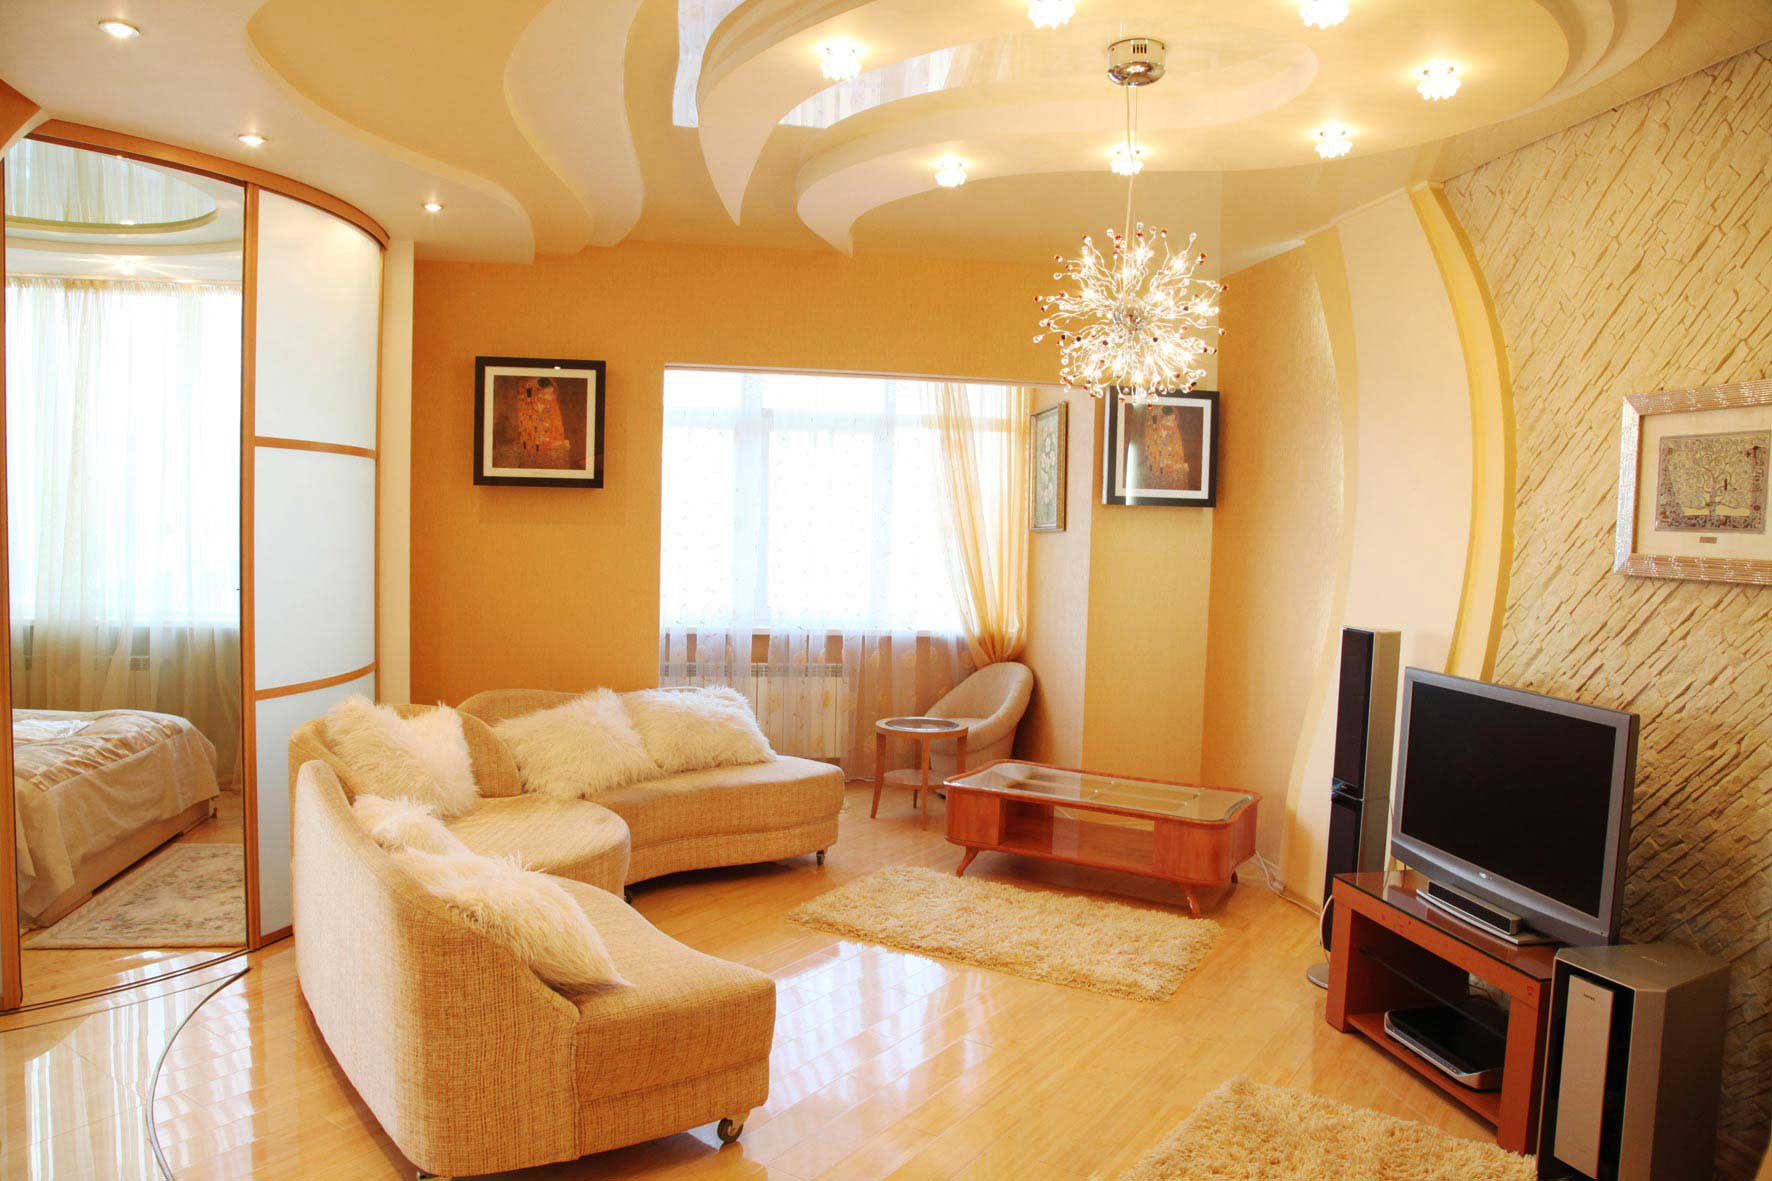 Дизайн интерьера, ремонт в Твери квартиры и дома - VK